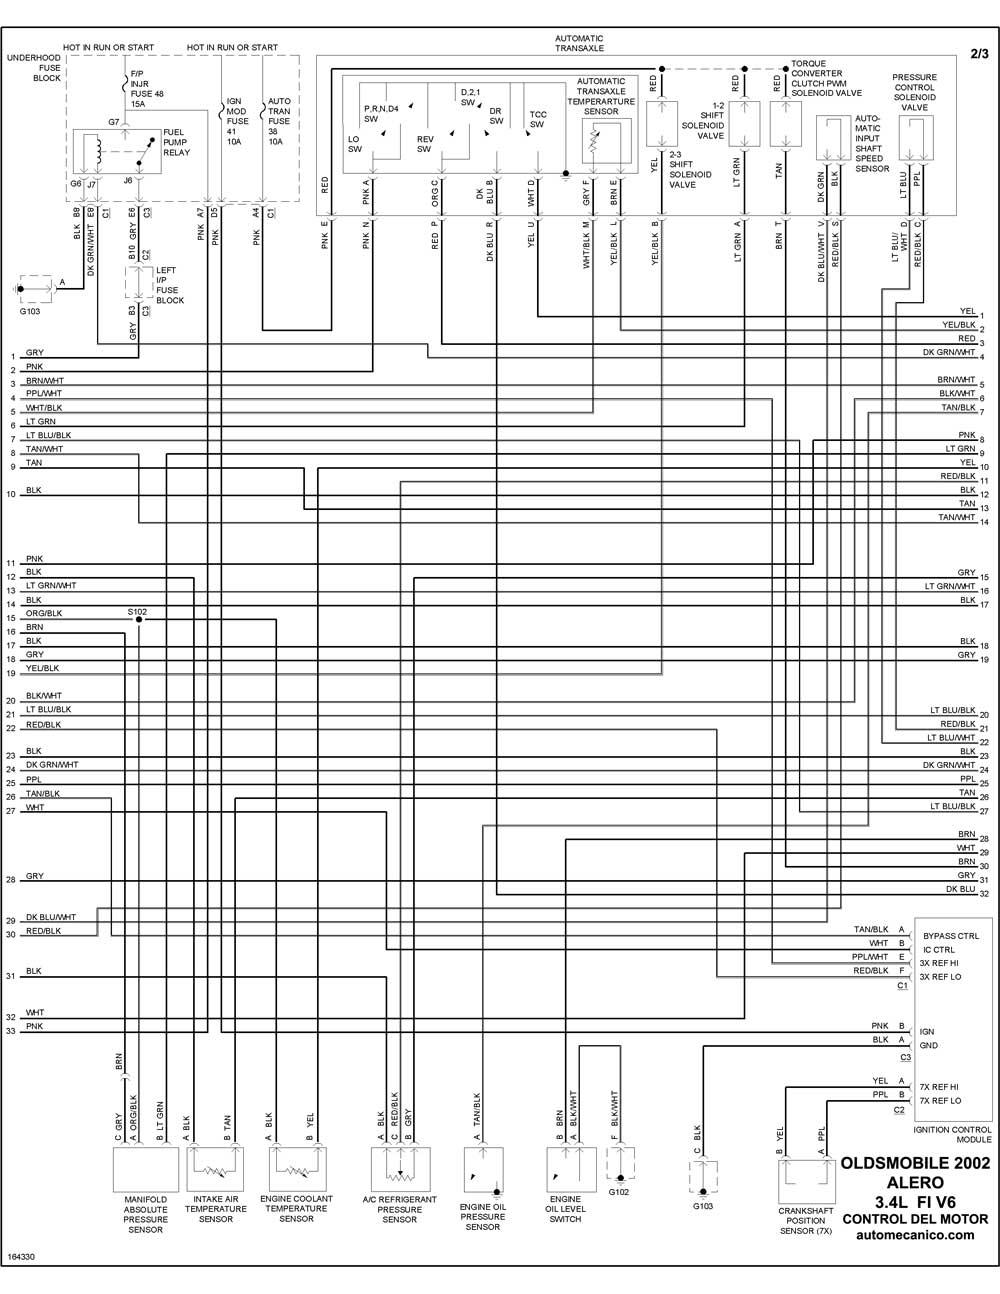 oldsmobile - diagramas control del motor 2002